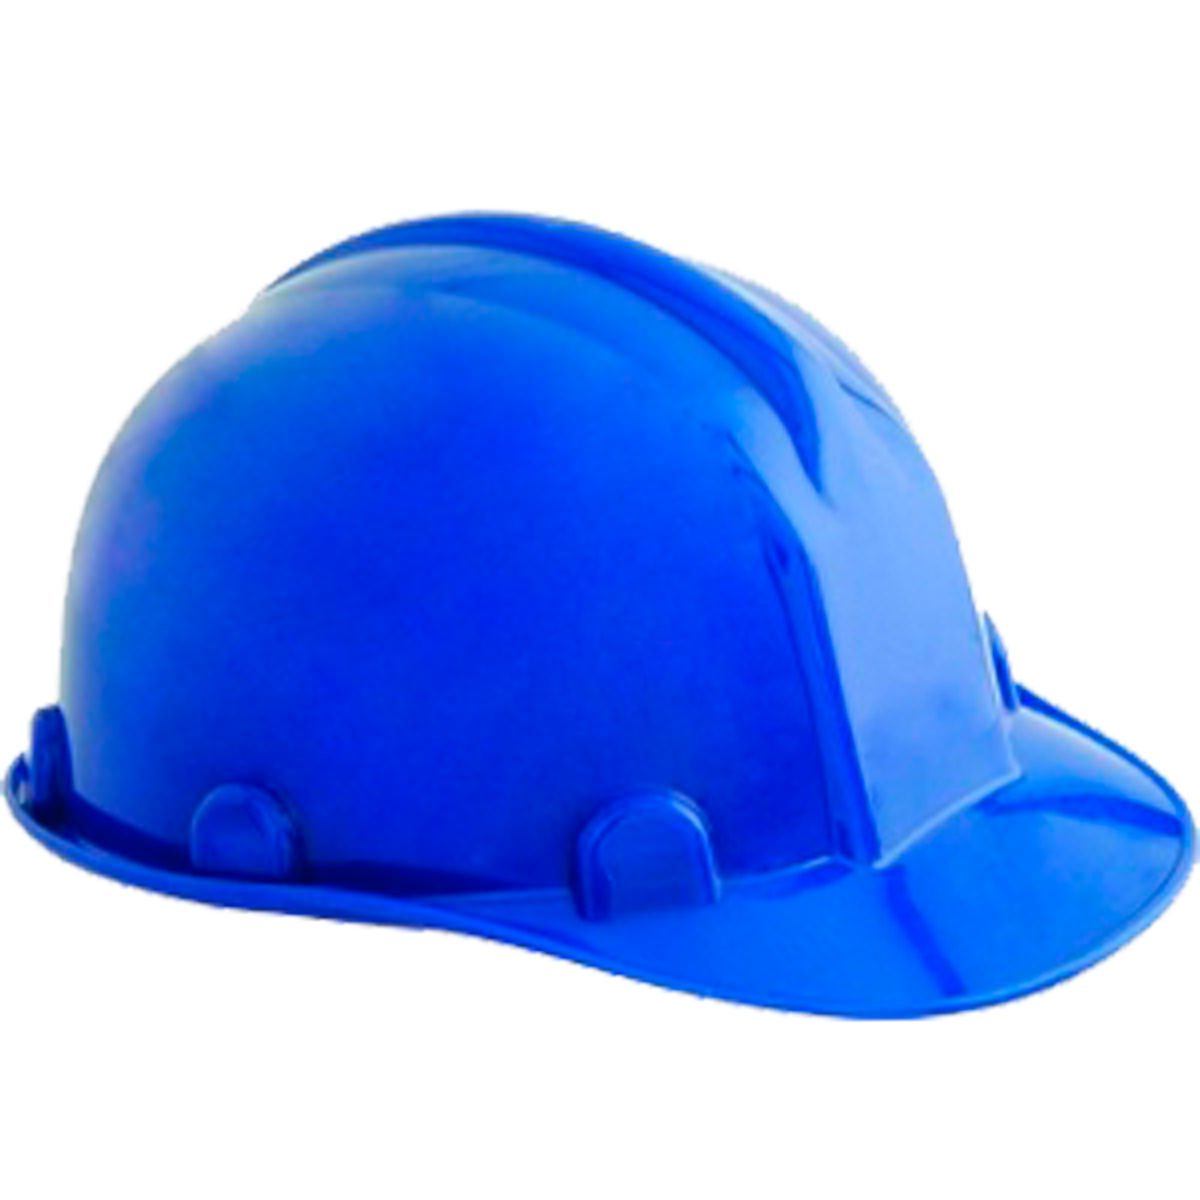 de6e7f38891a9 Capacete de Segurança Azul com Aba Frontal Nove54